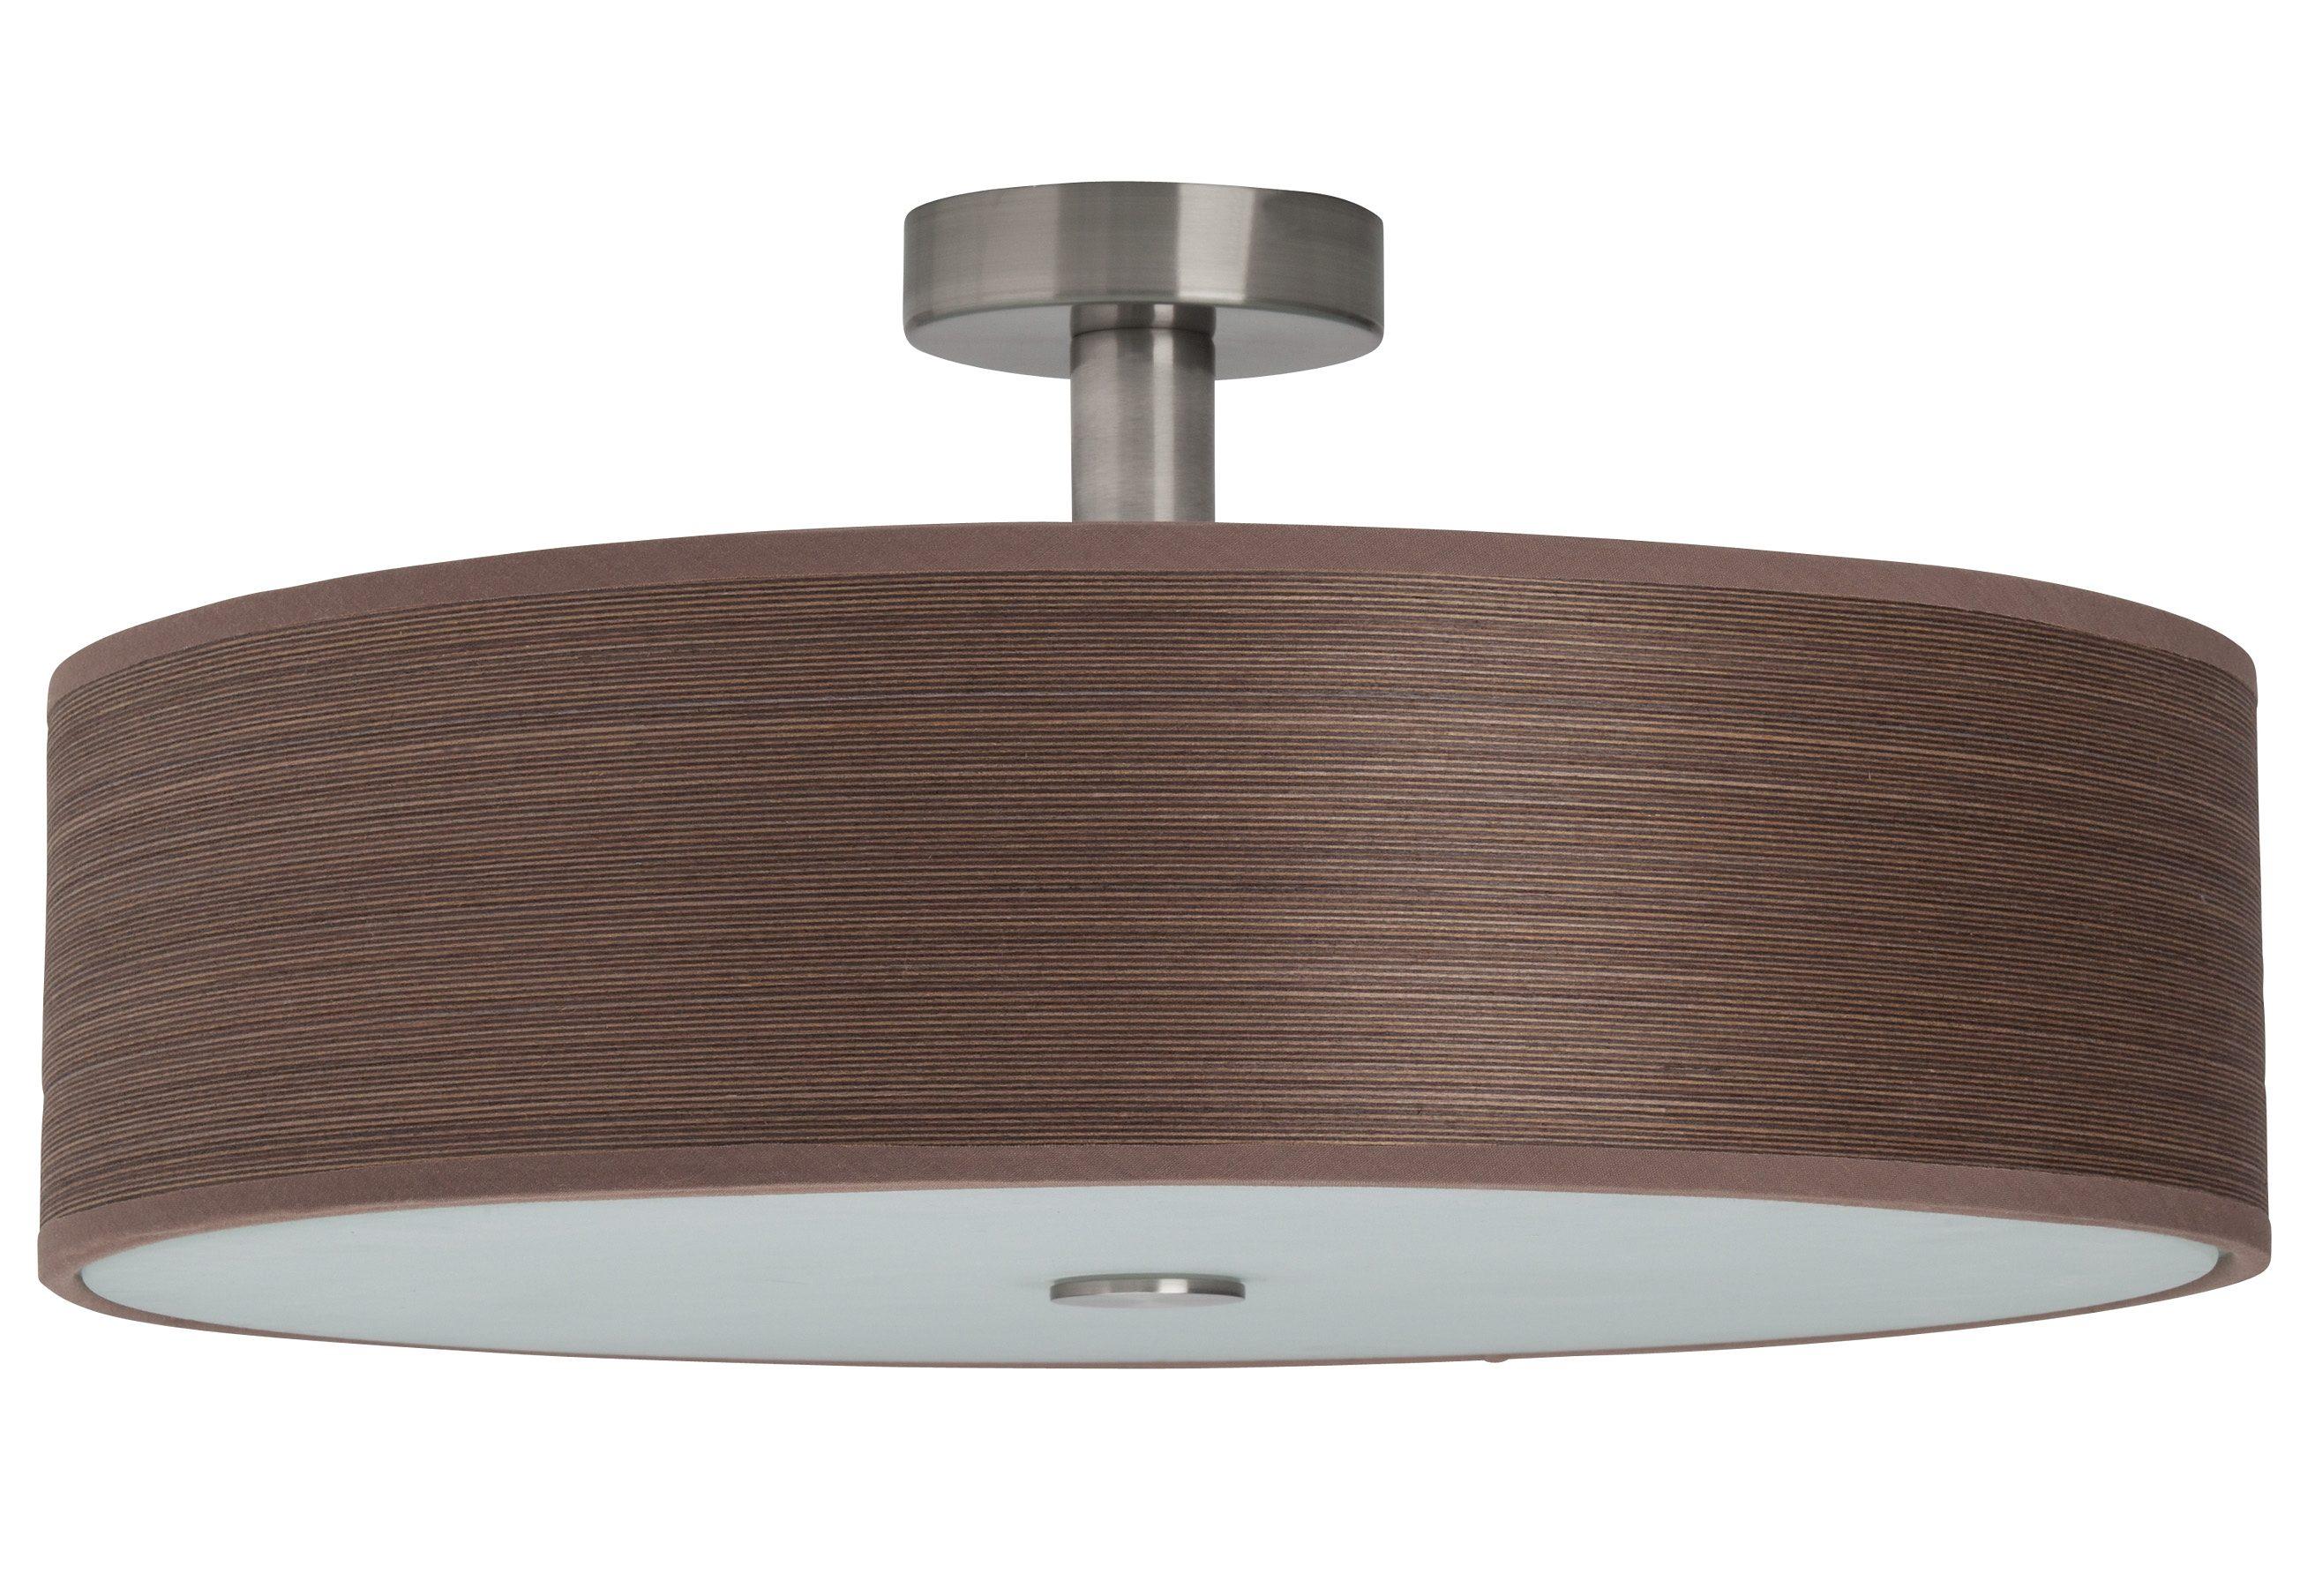 Brilliant Leuchten Deckenleuchte GENTLE, E27, Deckenlampe